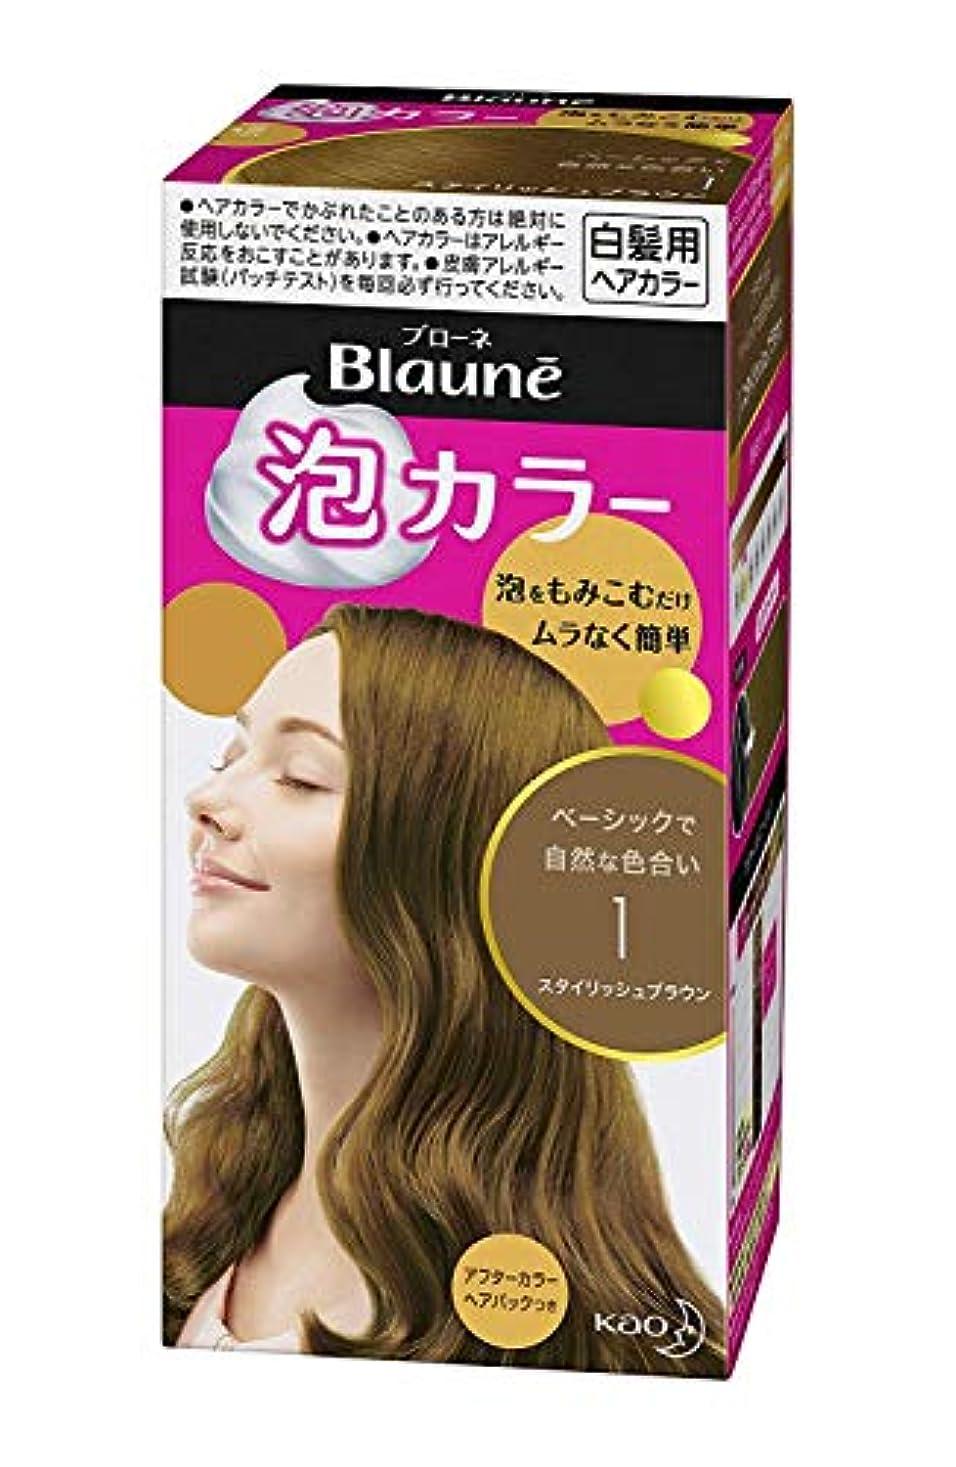 【花王】ブローネ泡カラー 1 スタイリッシュブラウン 108ml ×20個セット